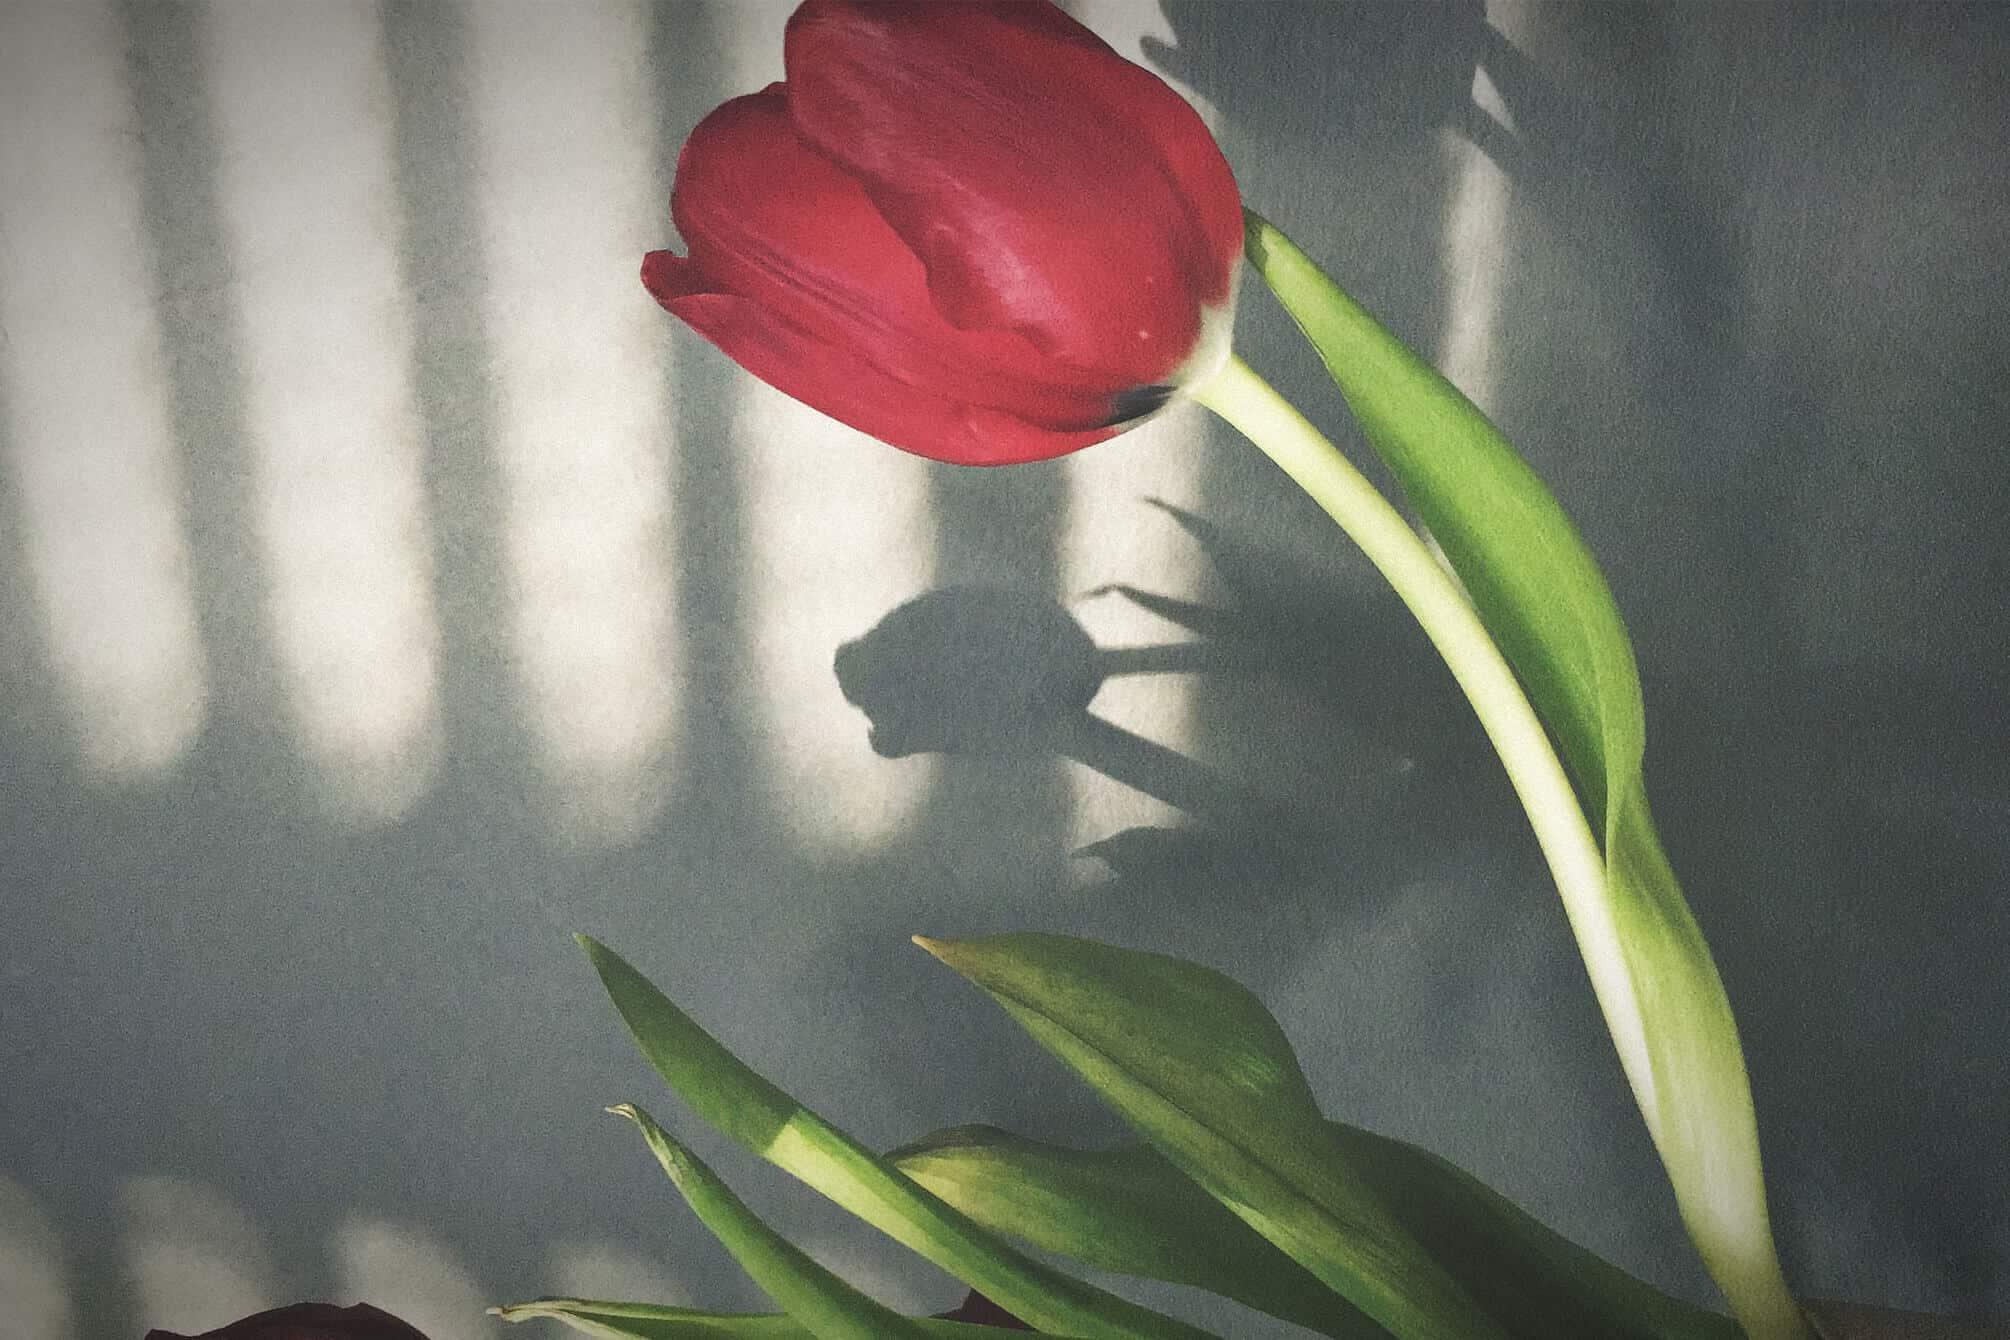 Tulpe auf Betonwand mit Licht